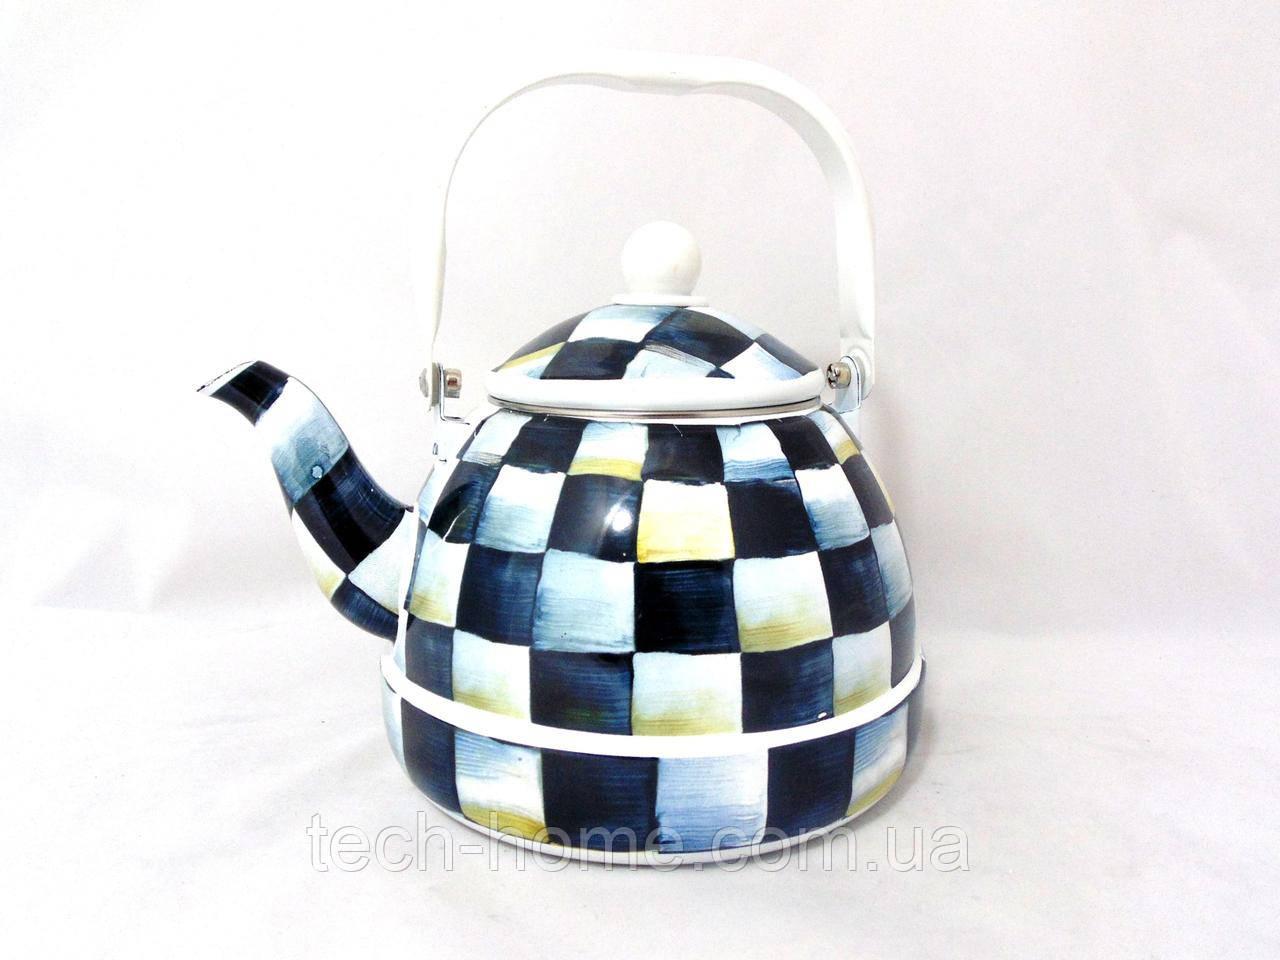 Чайник газовый Ronner B1361 2.2 литра